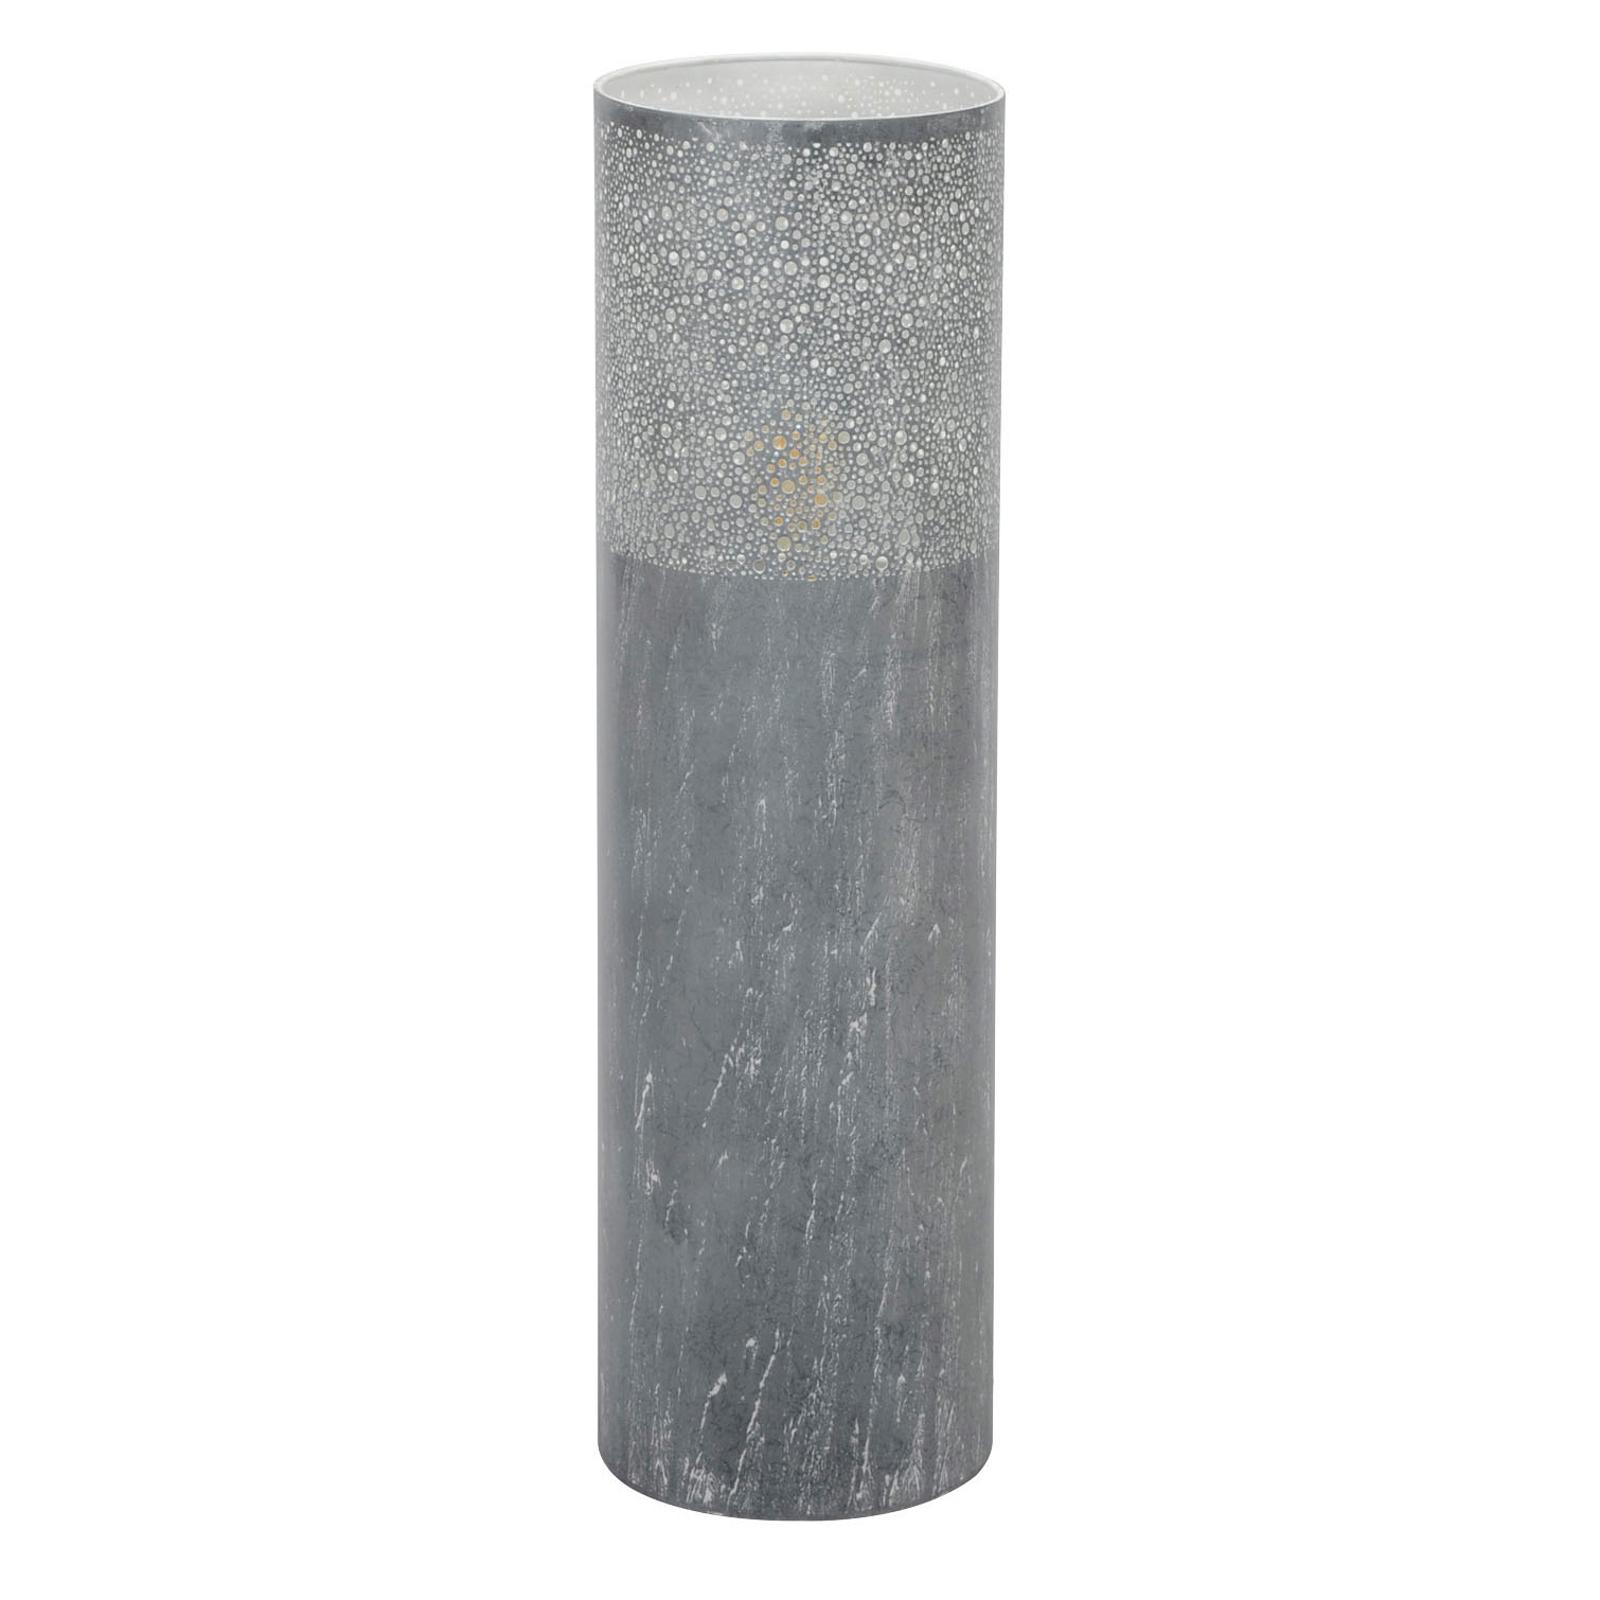 Lampadaire Holinder, hauteur 90cm